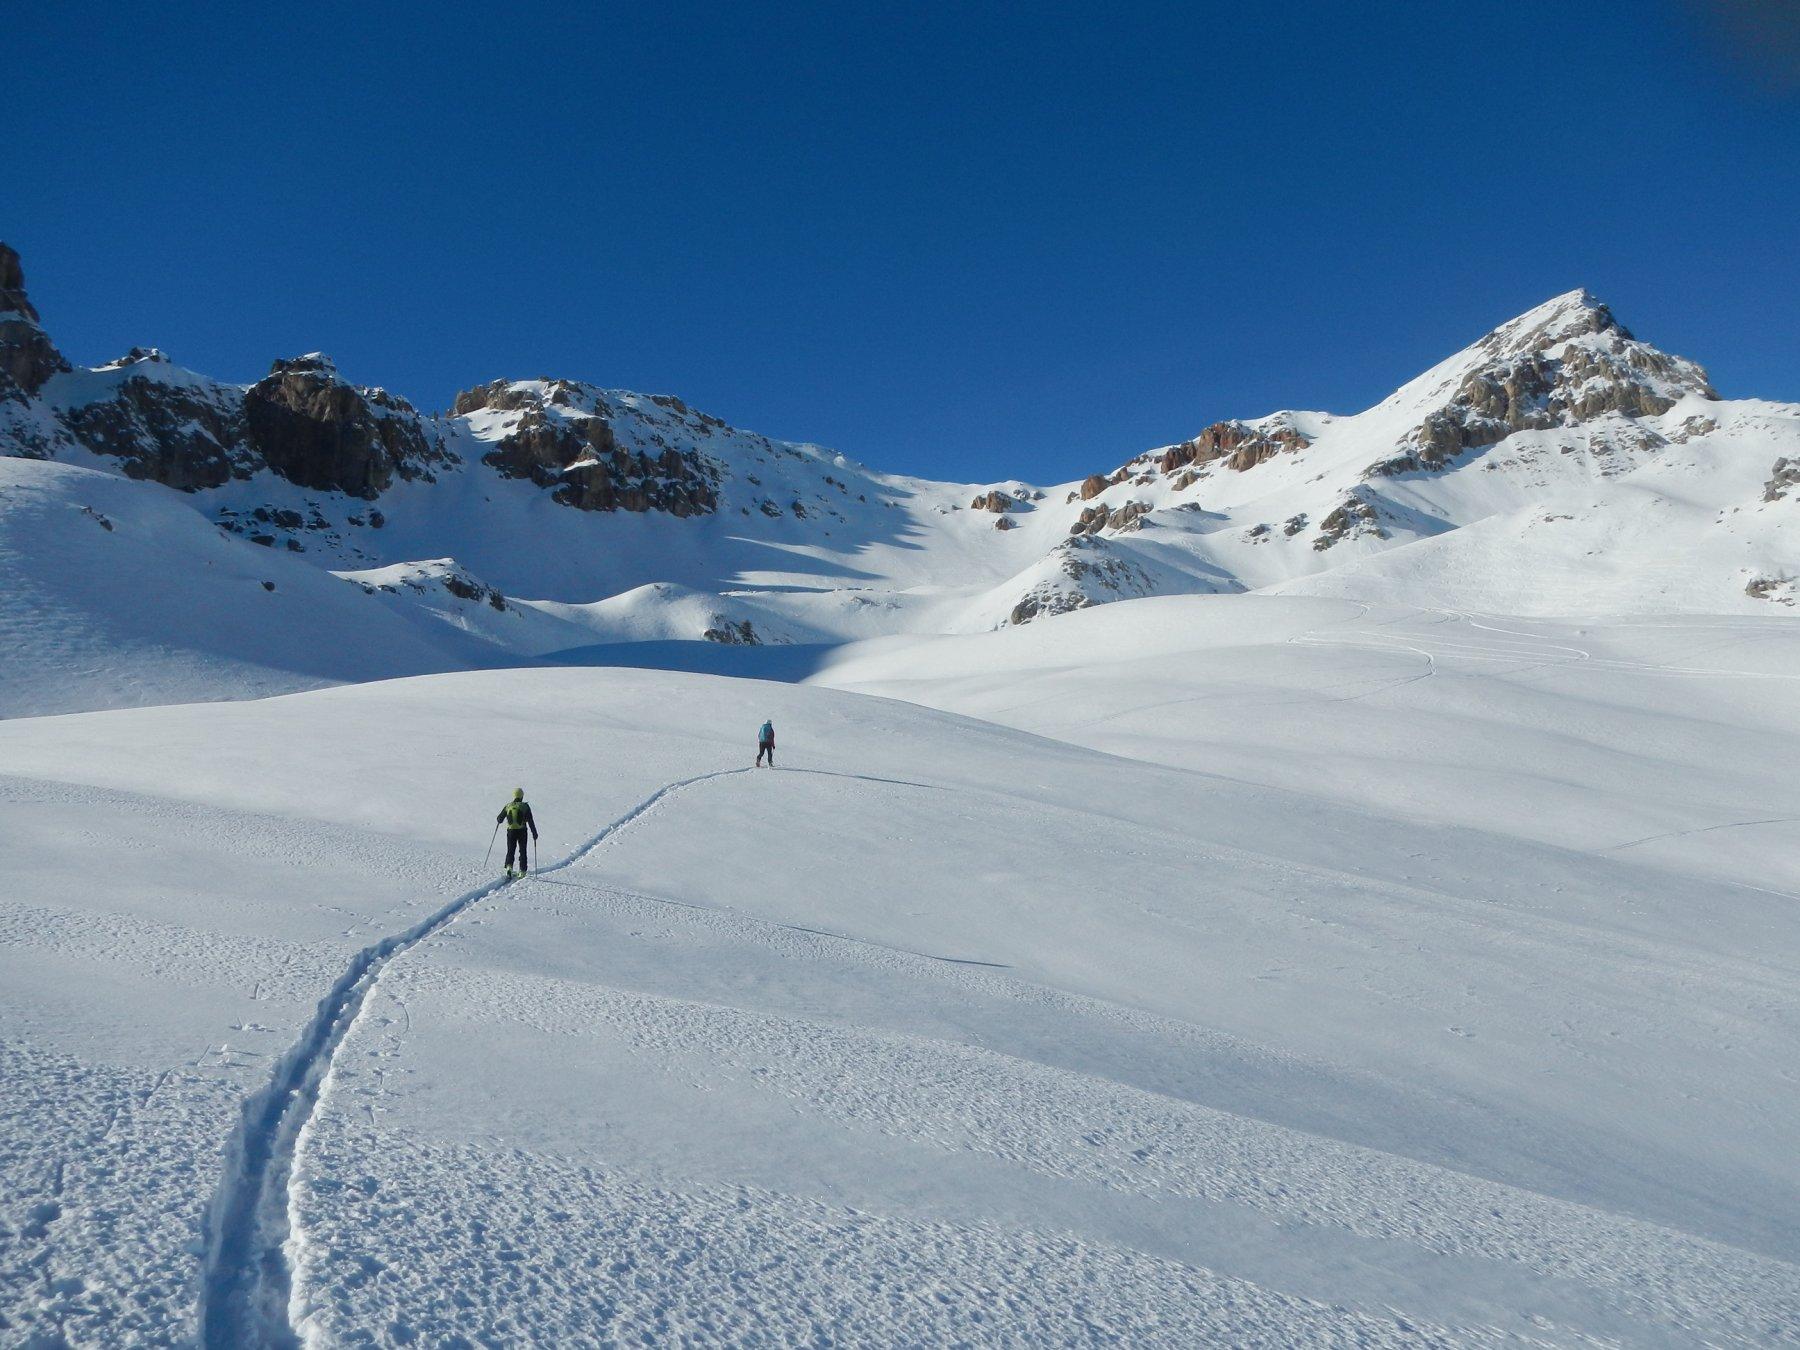 l'attraversamento dell'ampio vallone degli Chalets d'Izoard